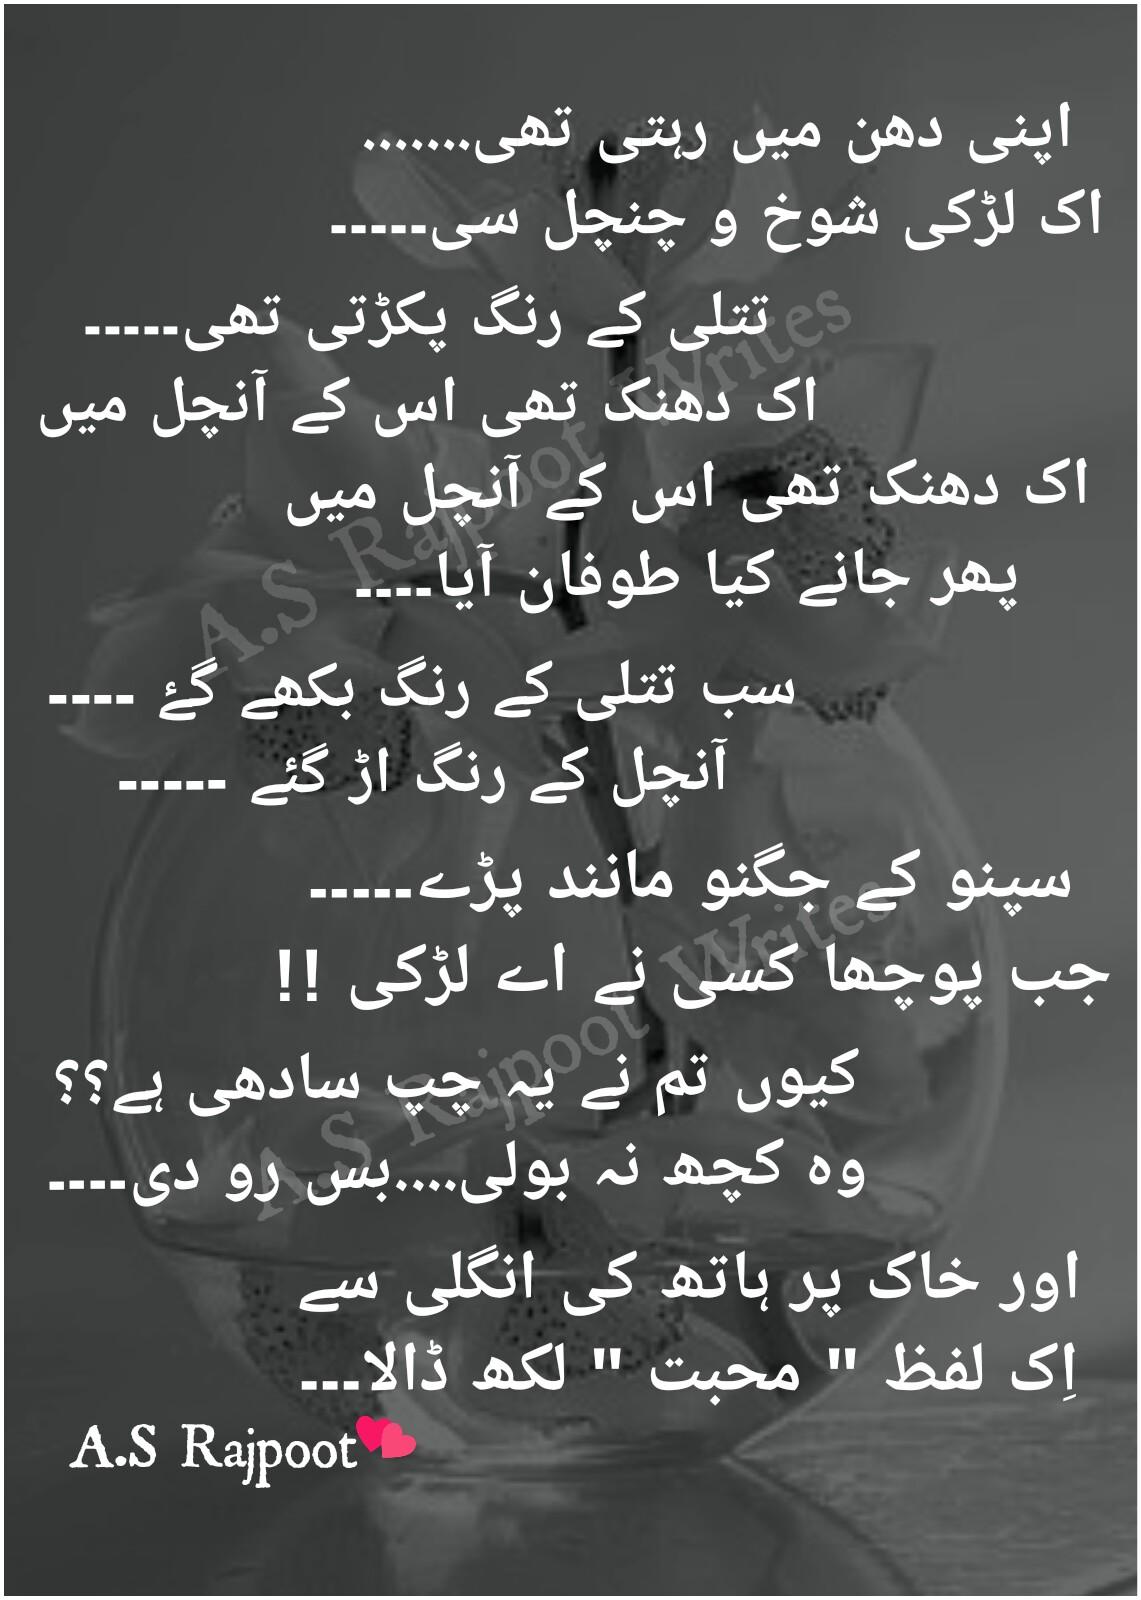 Muslim ghazal